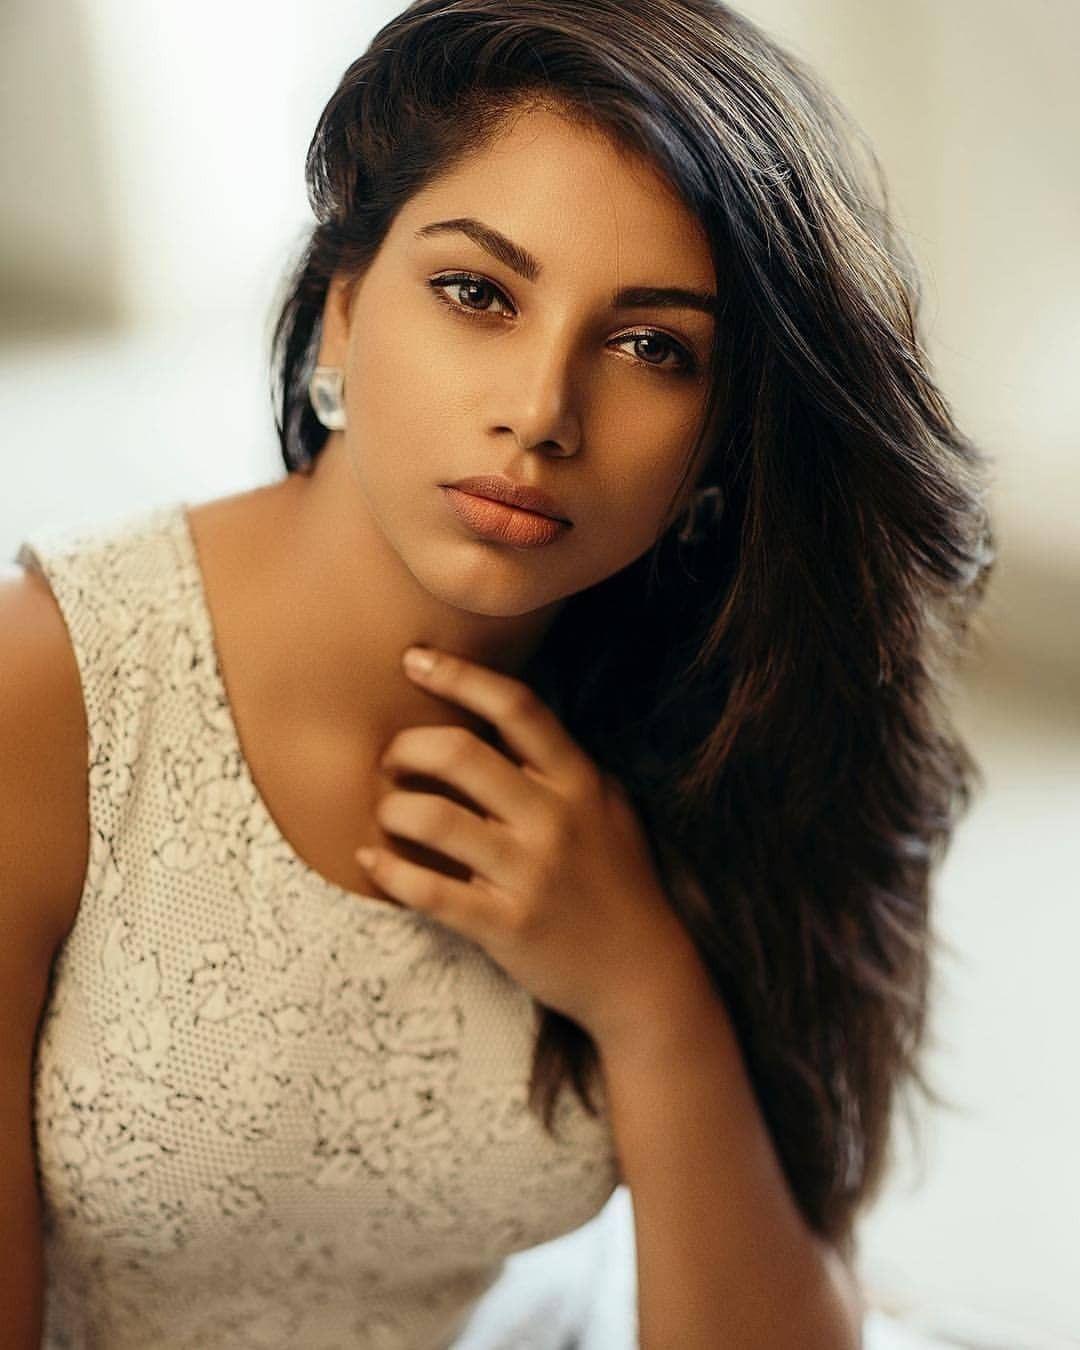 Doutzen | Mooie actrices, Prachtige vrouwen